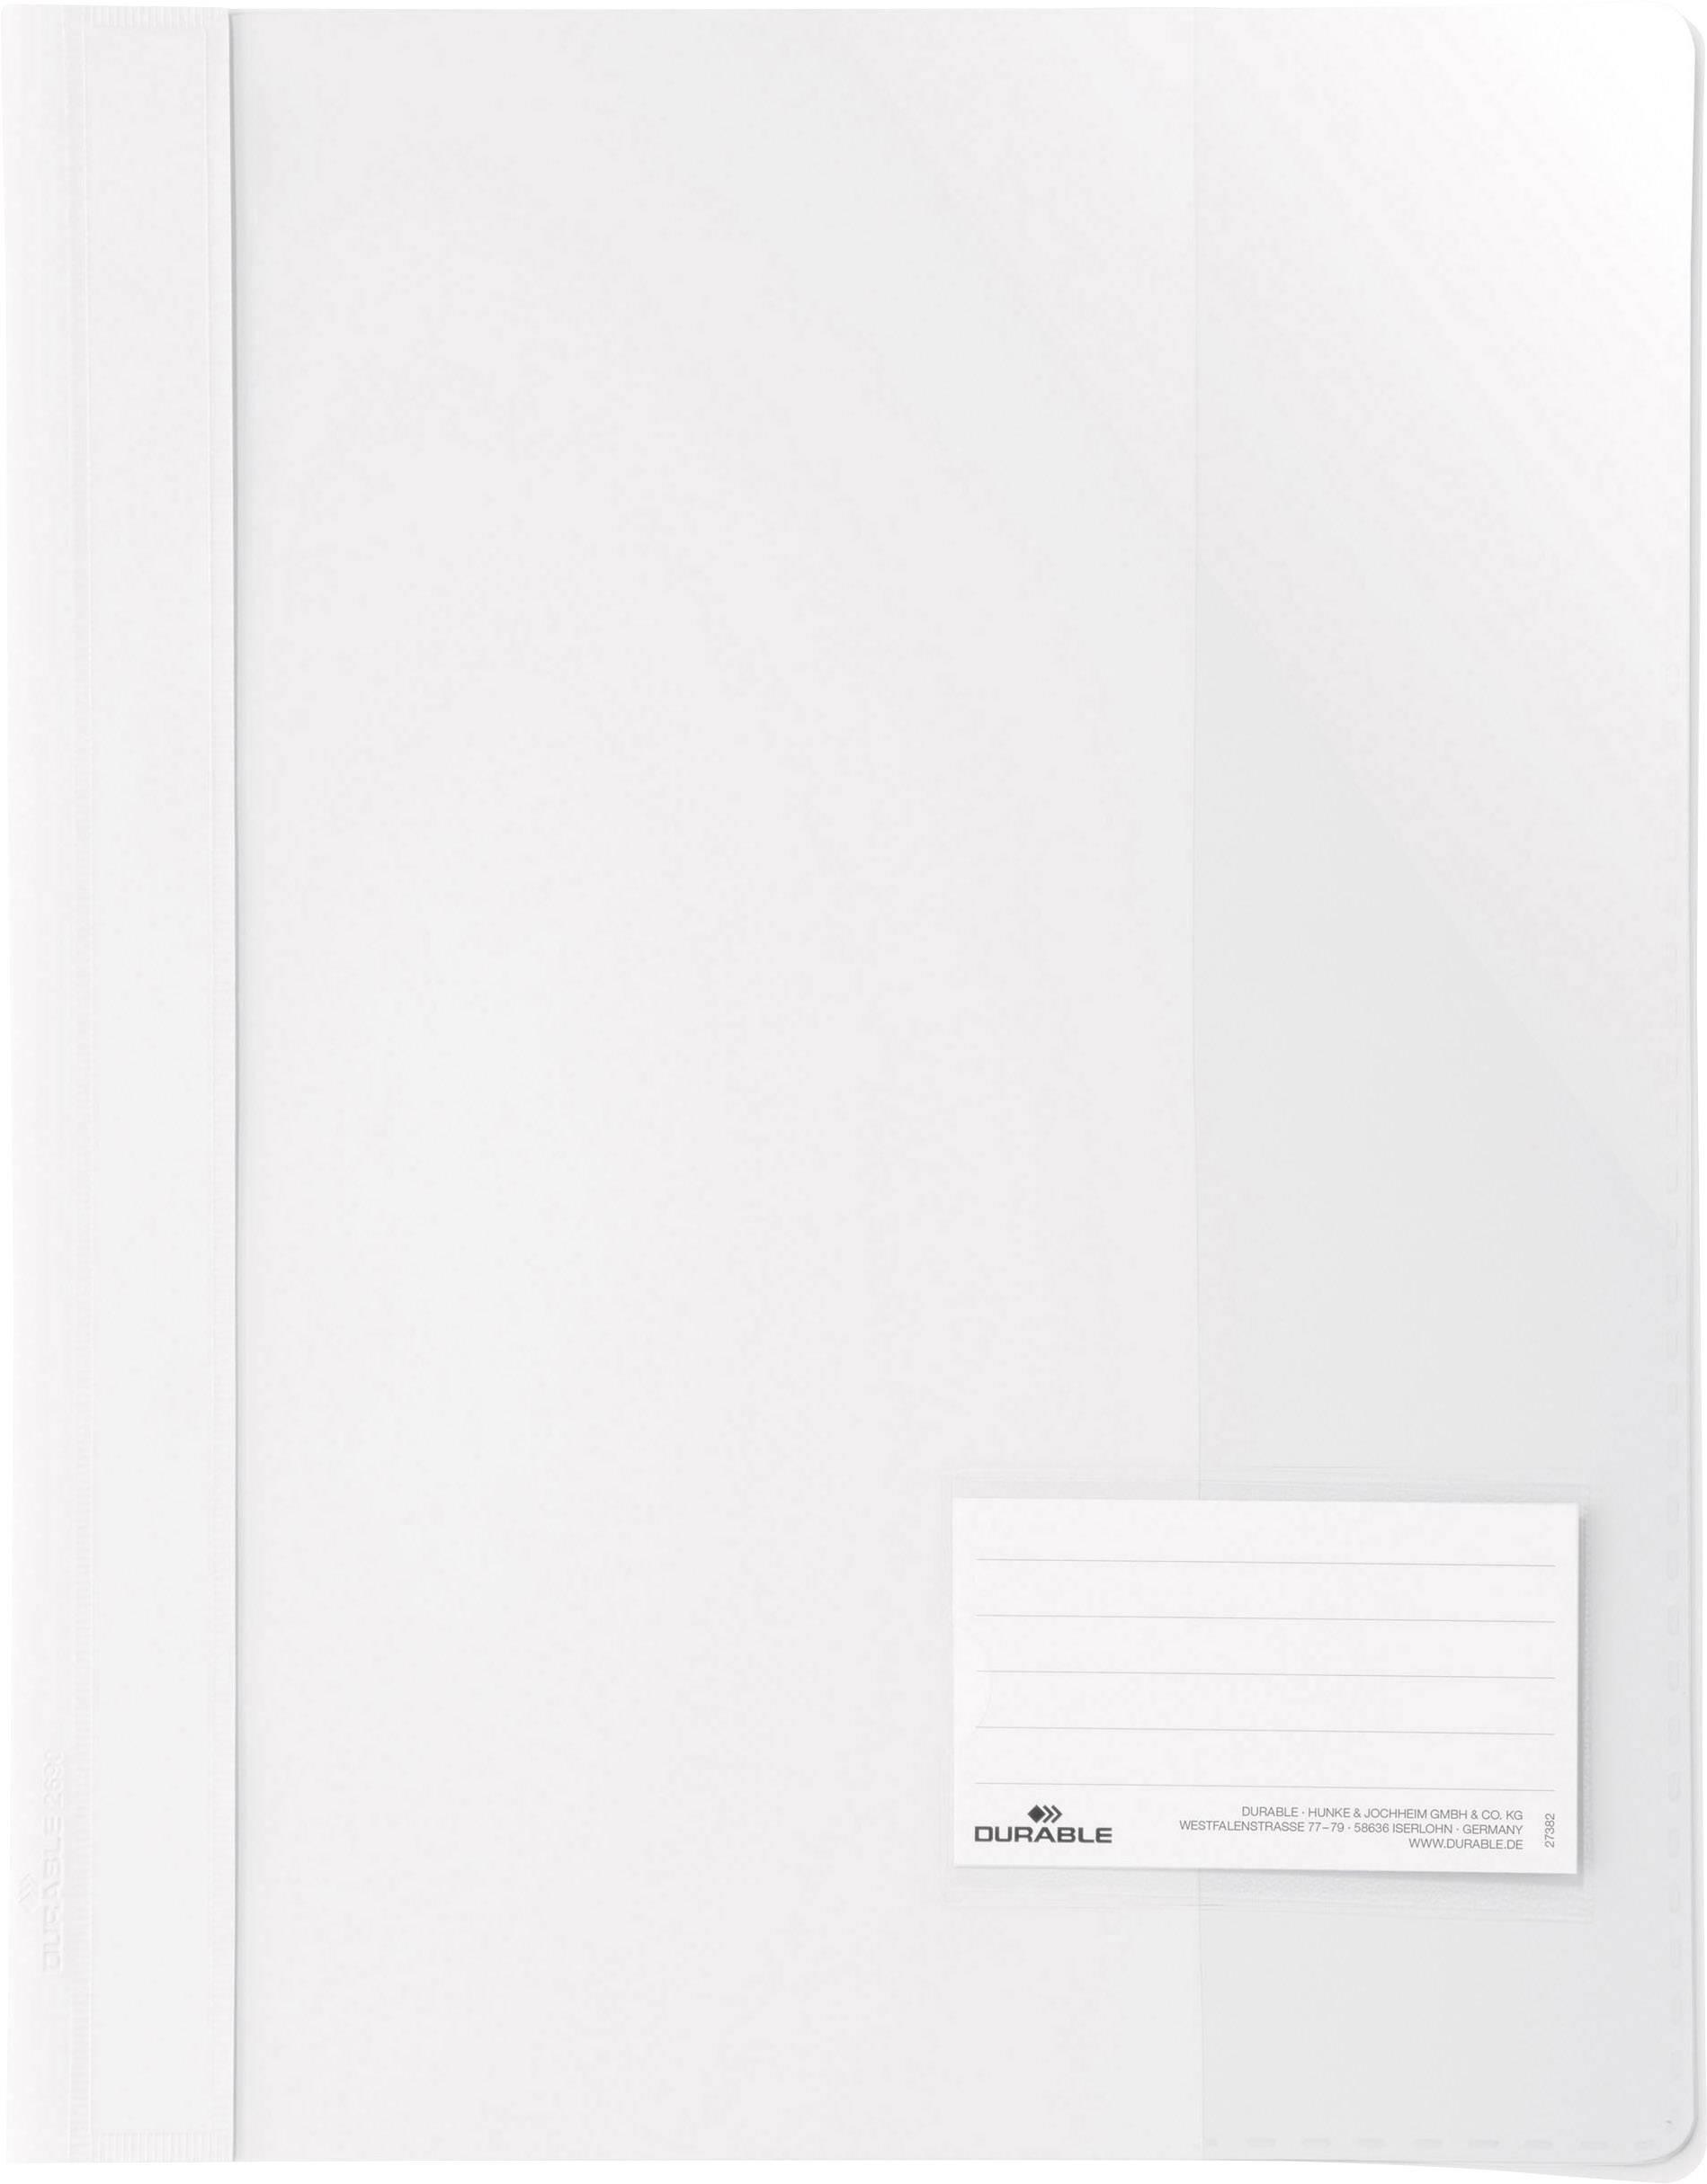 Durable  269002 spenjalnik bela din a4+ markirno okno (90 mm x 57 mm), zaščita pred praskami, notranji žep (na zadnji st